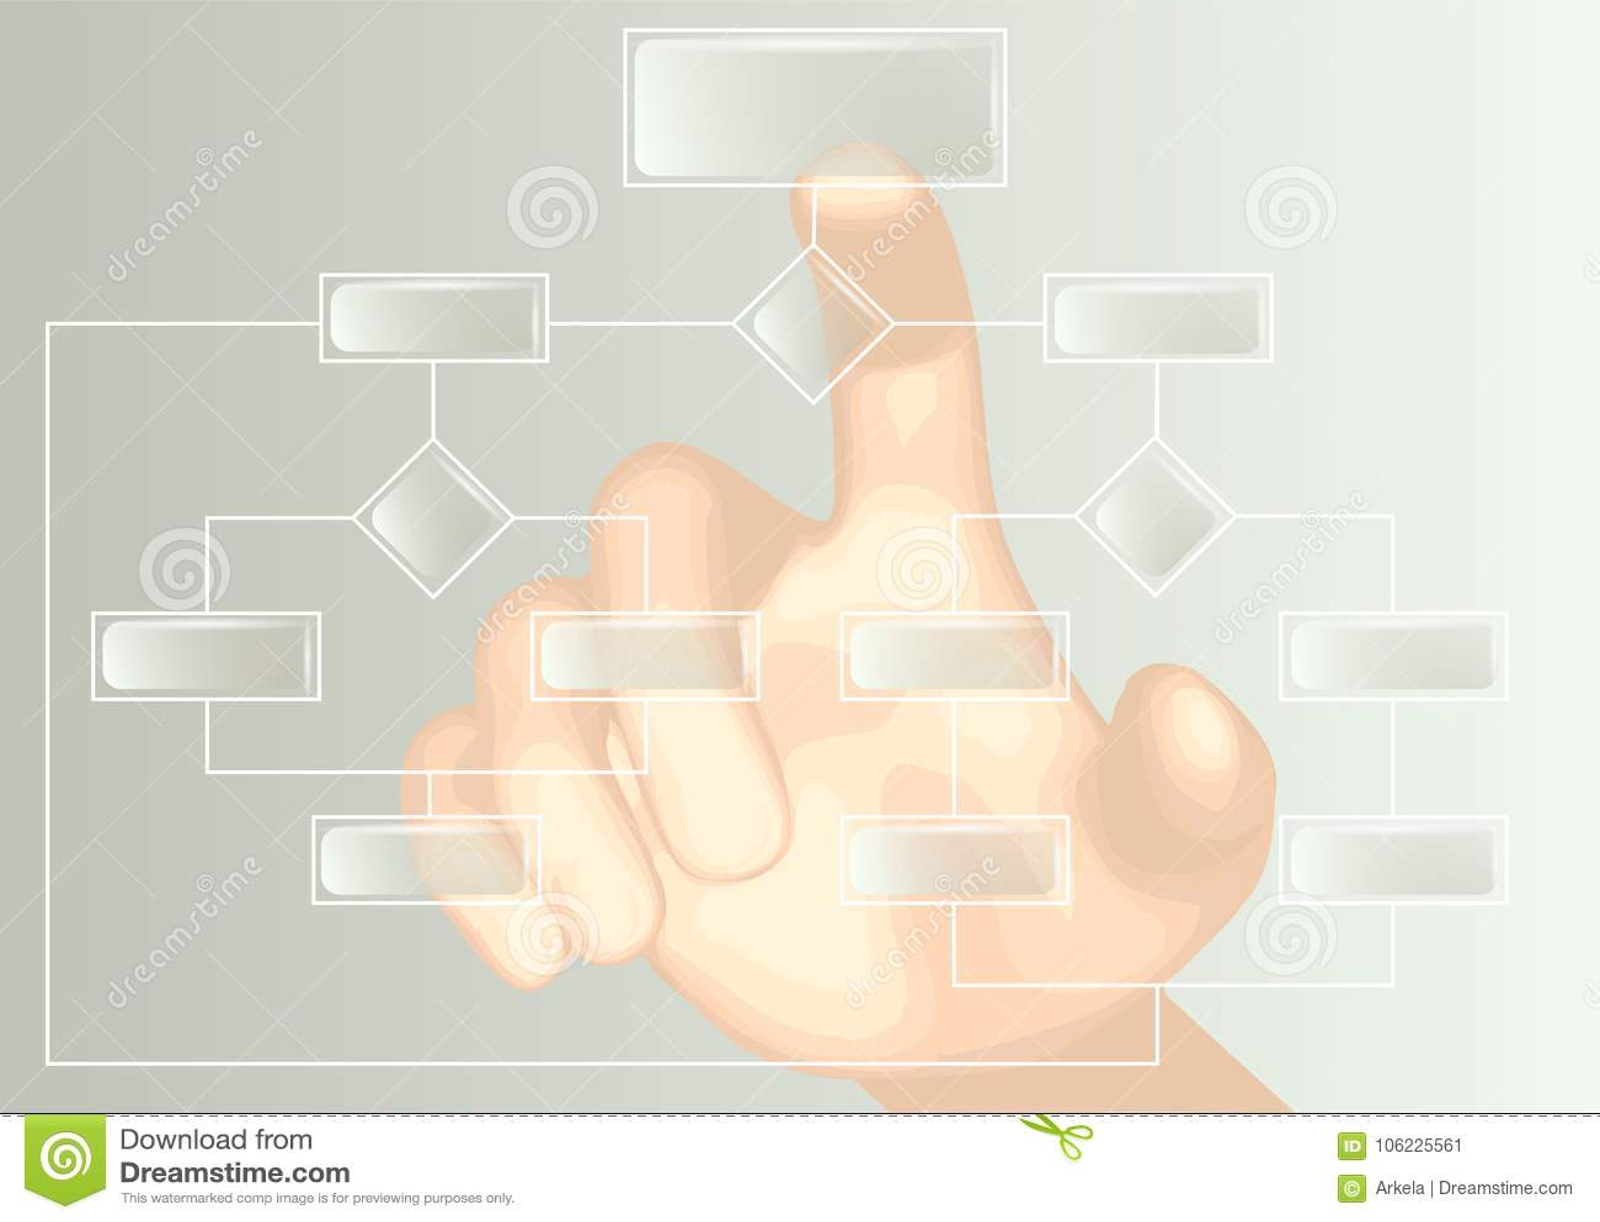 Organigrama y mano